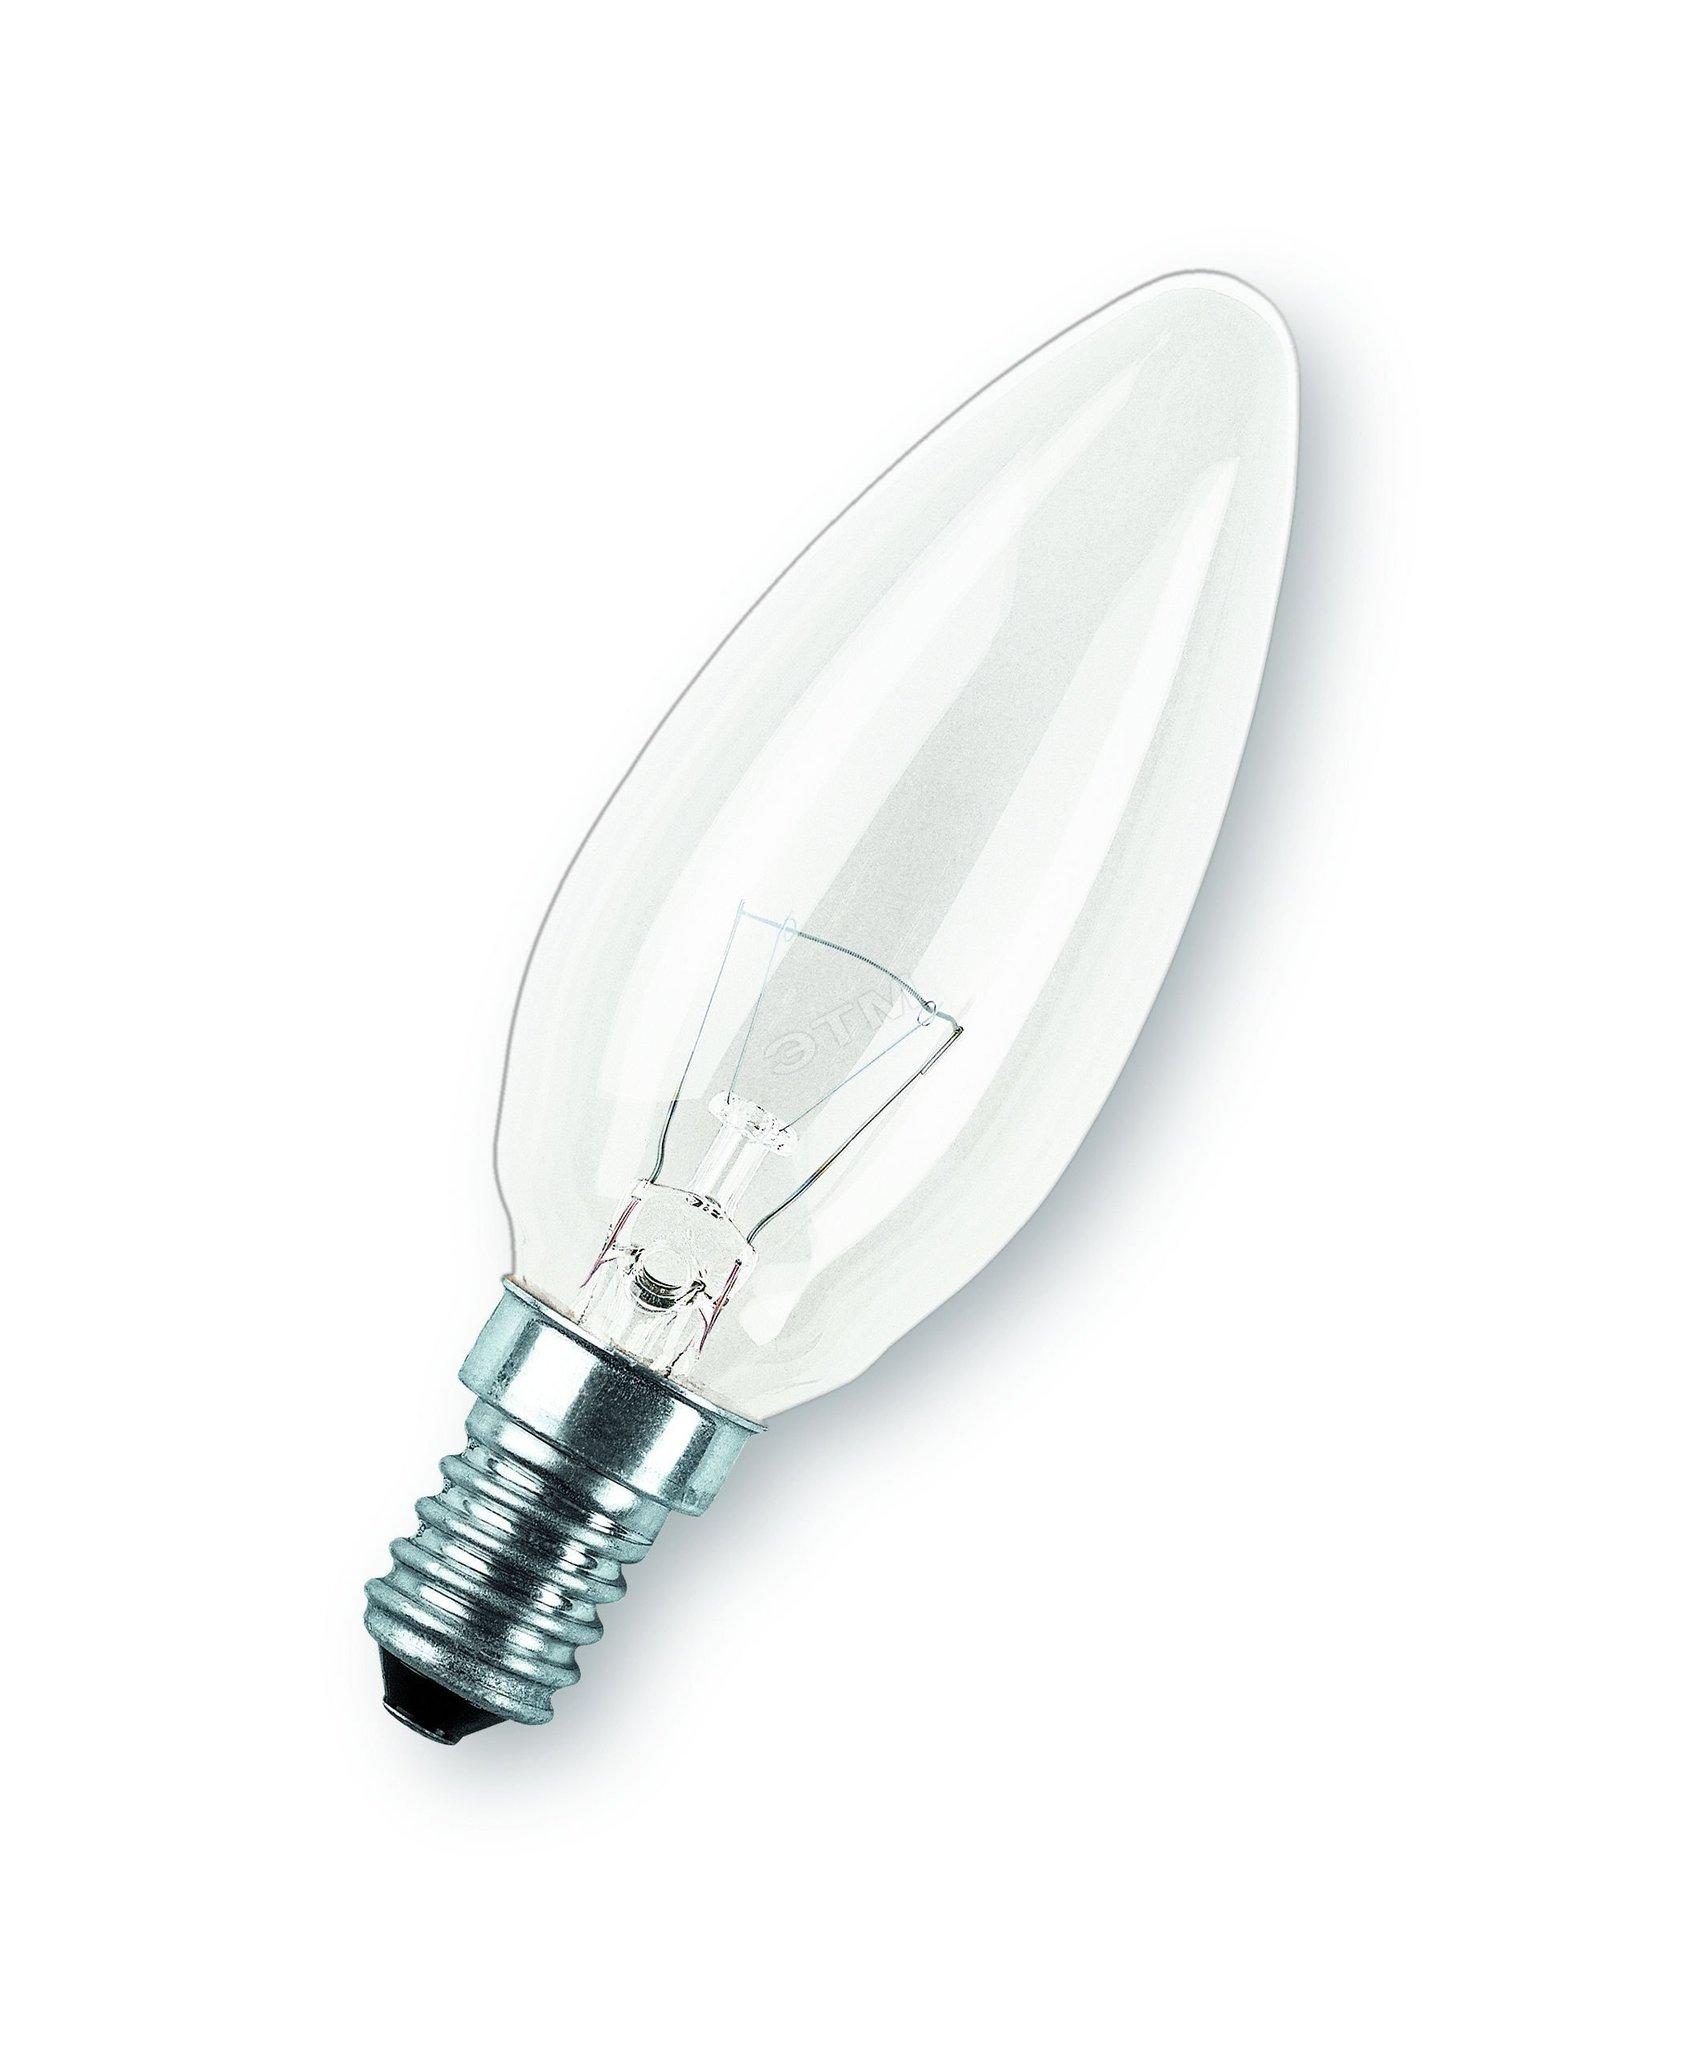 Лампы накаливания Лампа накаливания CLASSIC B FR 40W E27 OSRAM 4008321411365 Лампа_накаливания_CLASSIC_B_CL_40W_E14_OSRAM_4008321788641.jpg